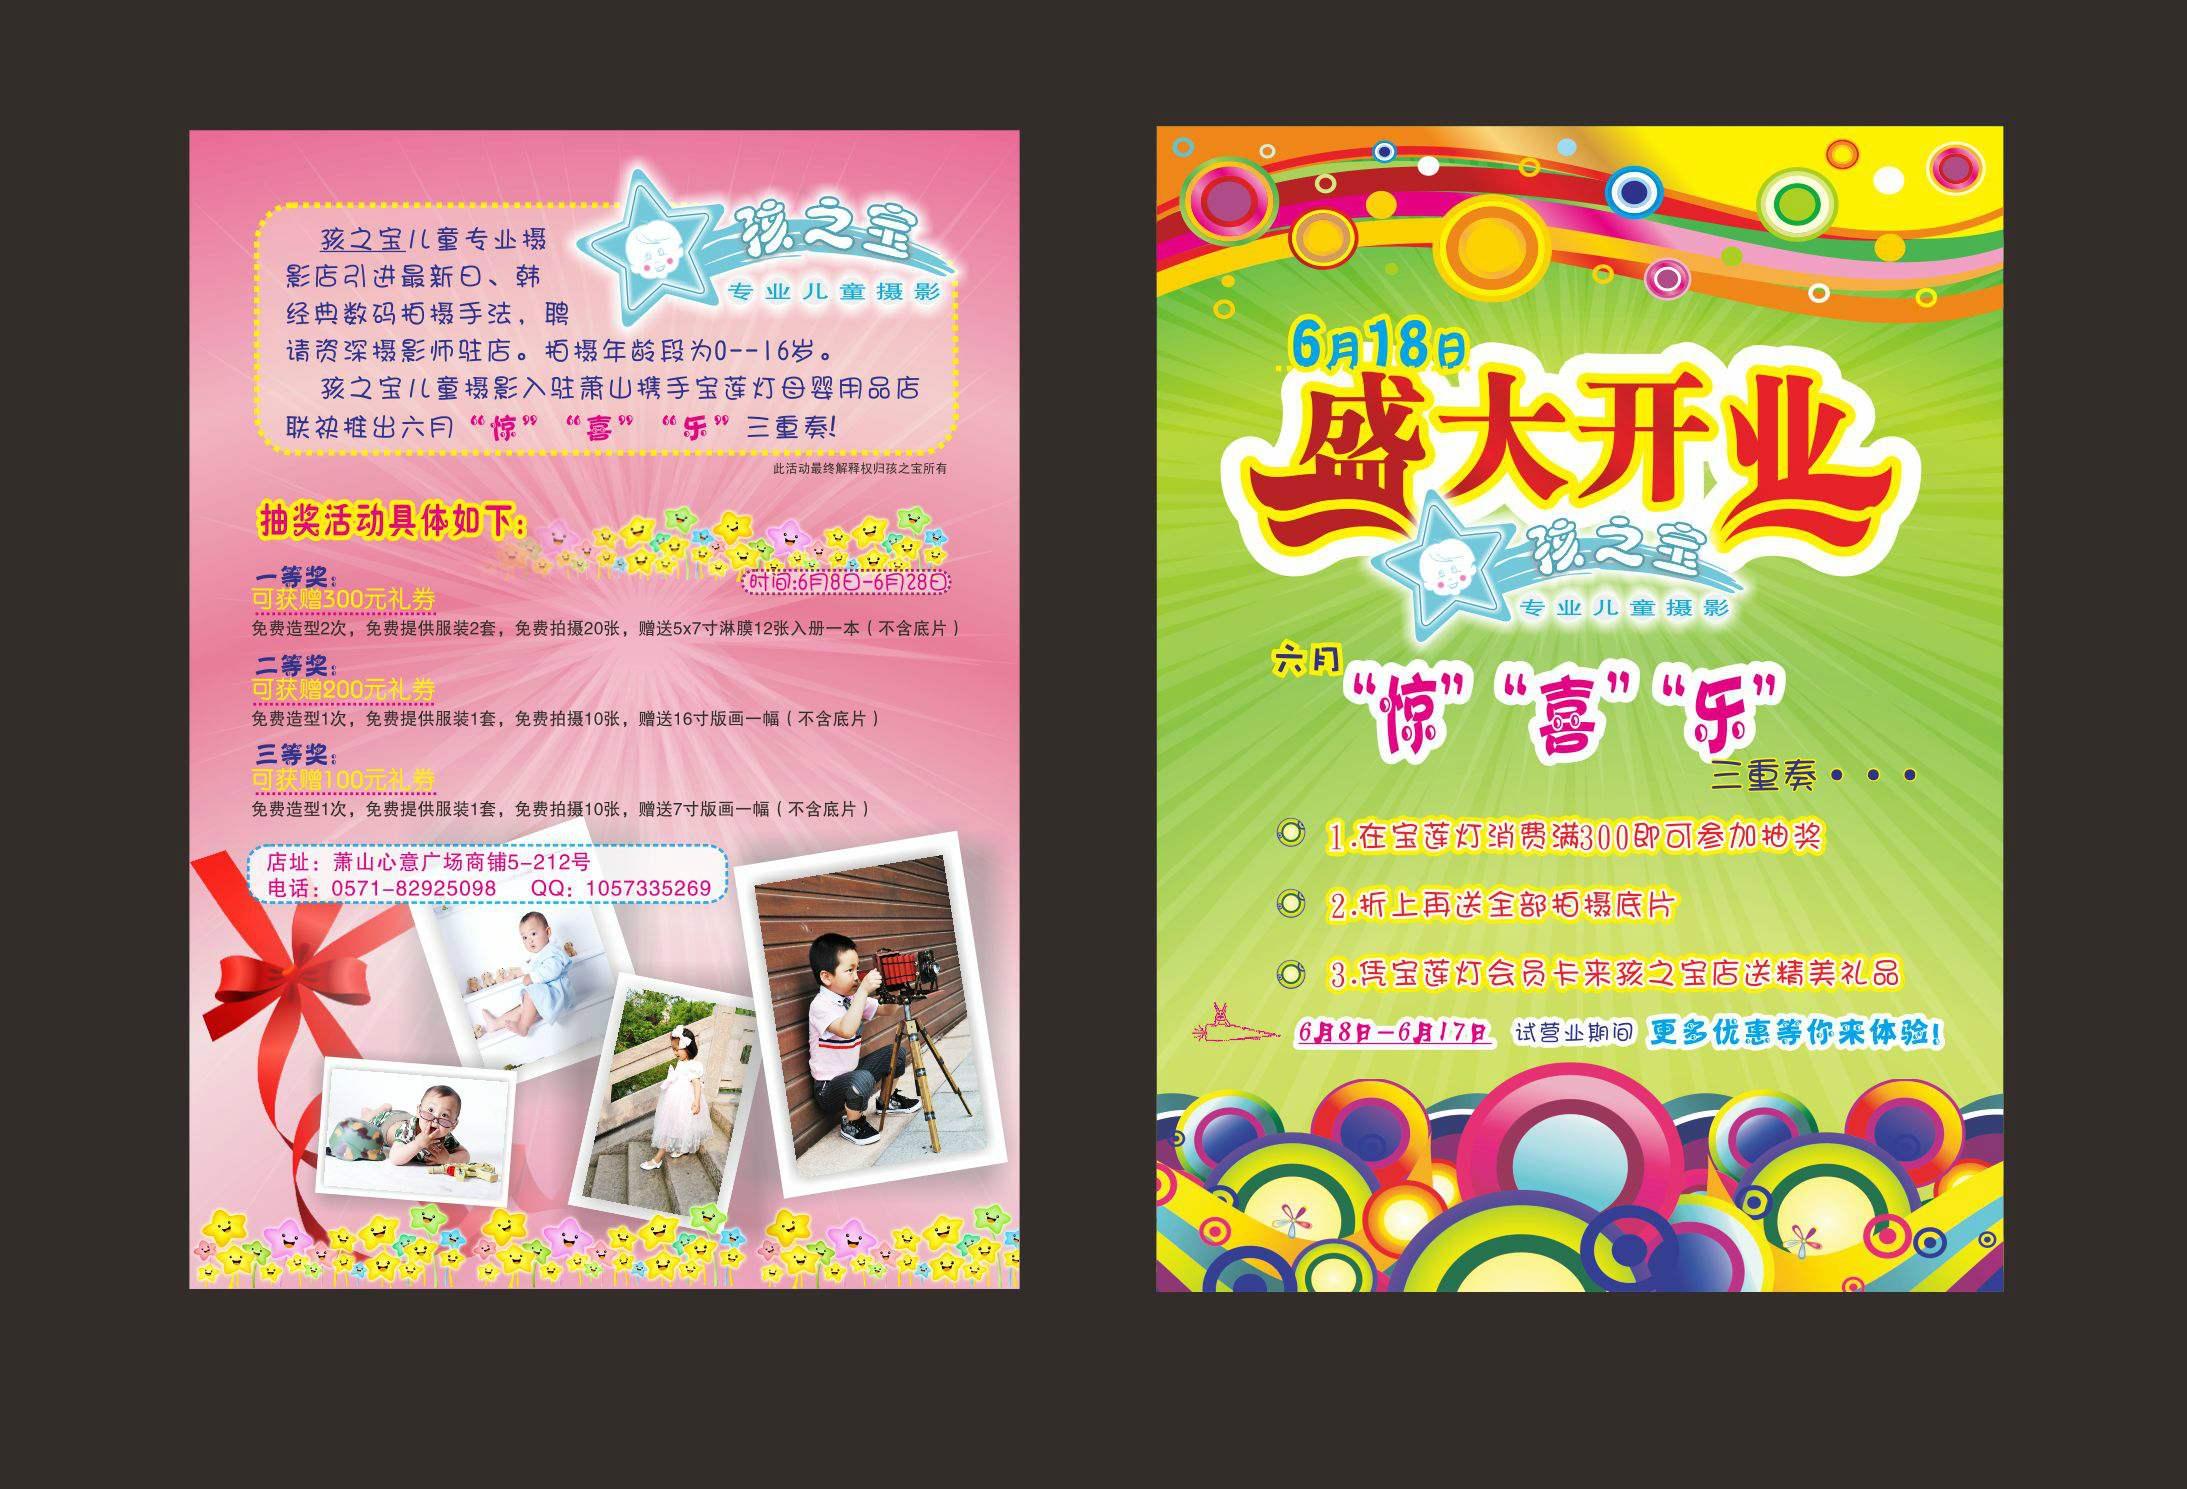 儿童摄影活动宣传_摄影文字活动宣传